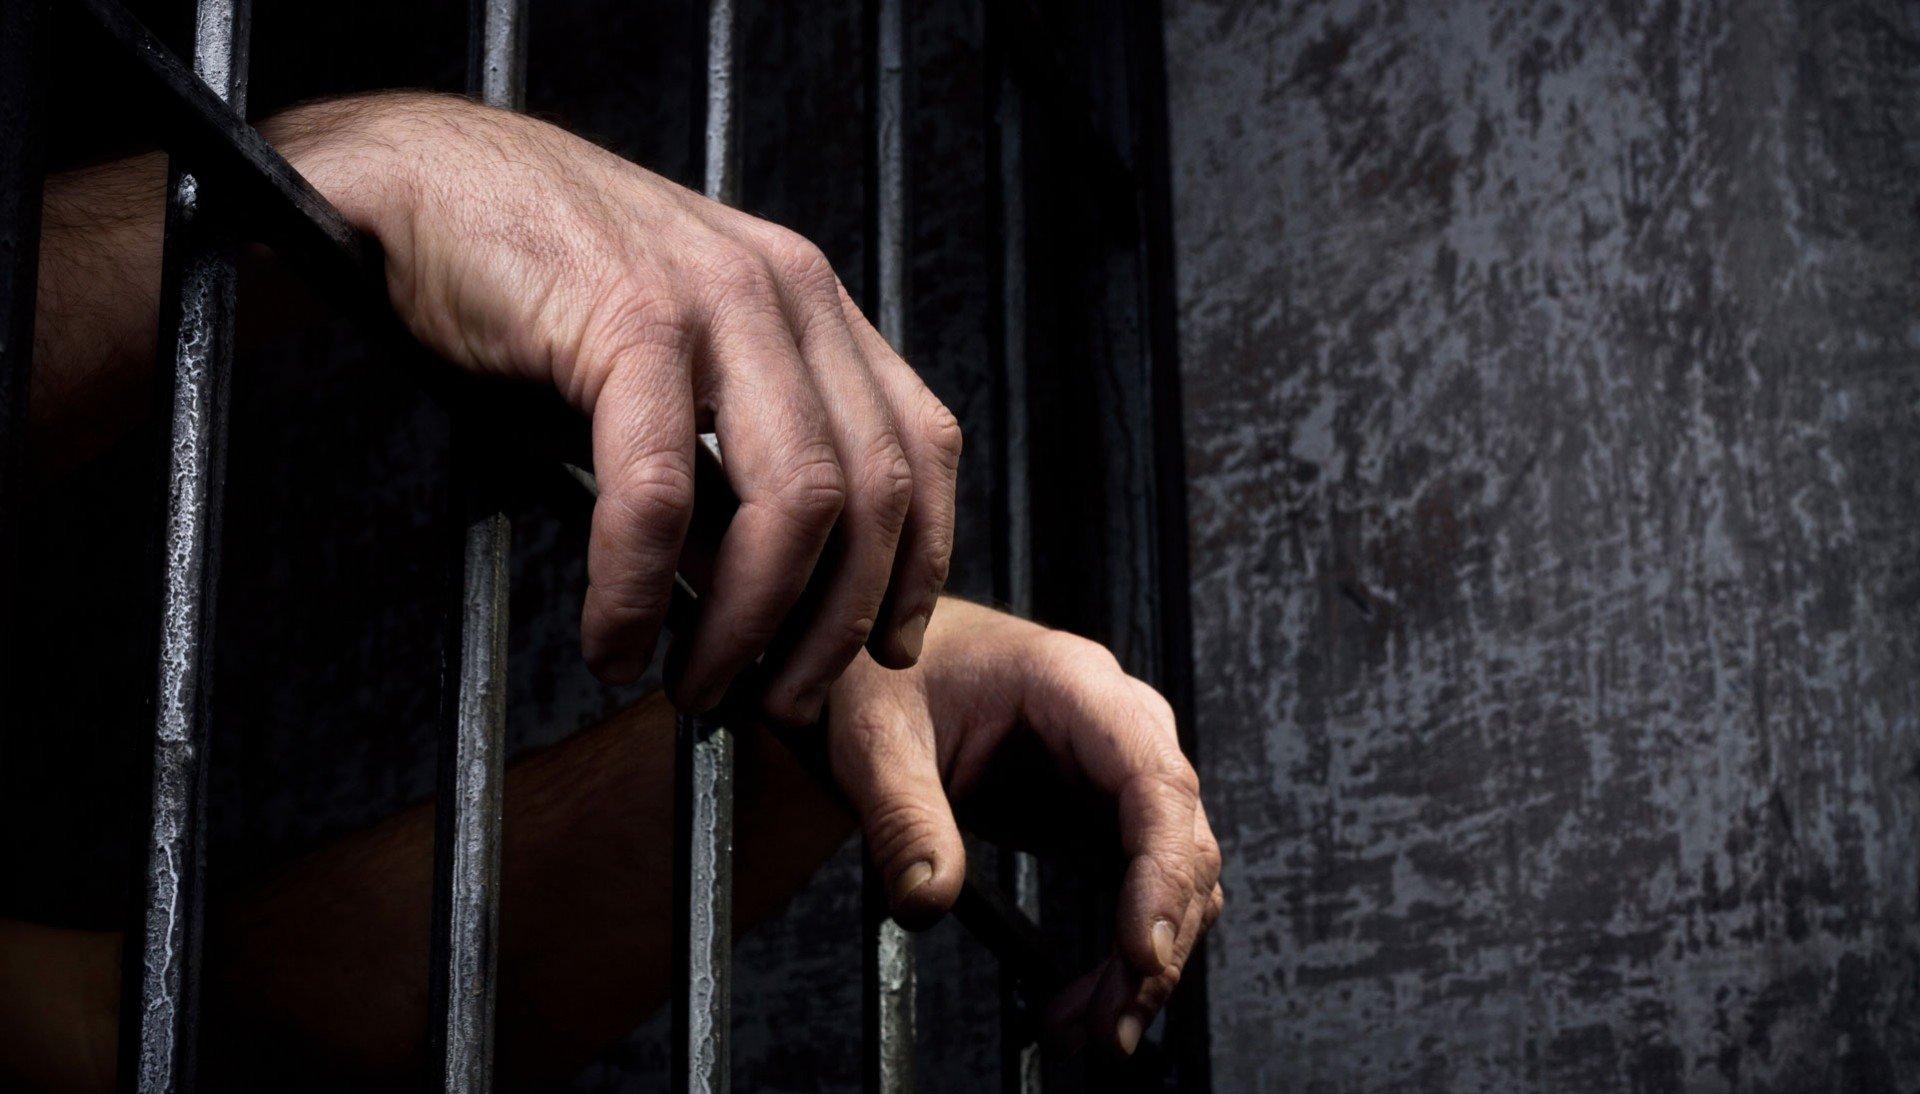 Danimarka'da mafyacılık oynayan Türk'e 4 yıl hapis